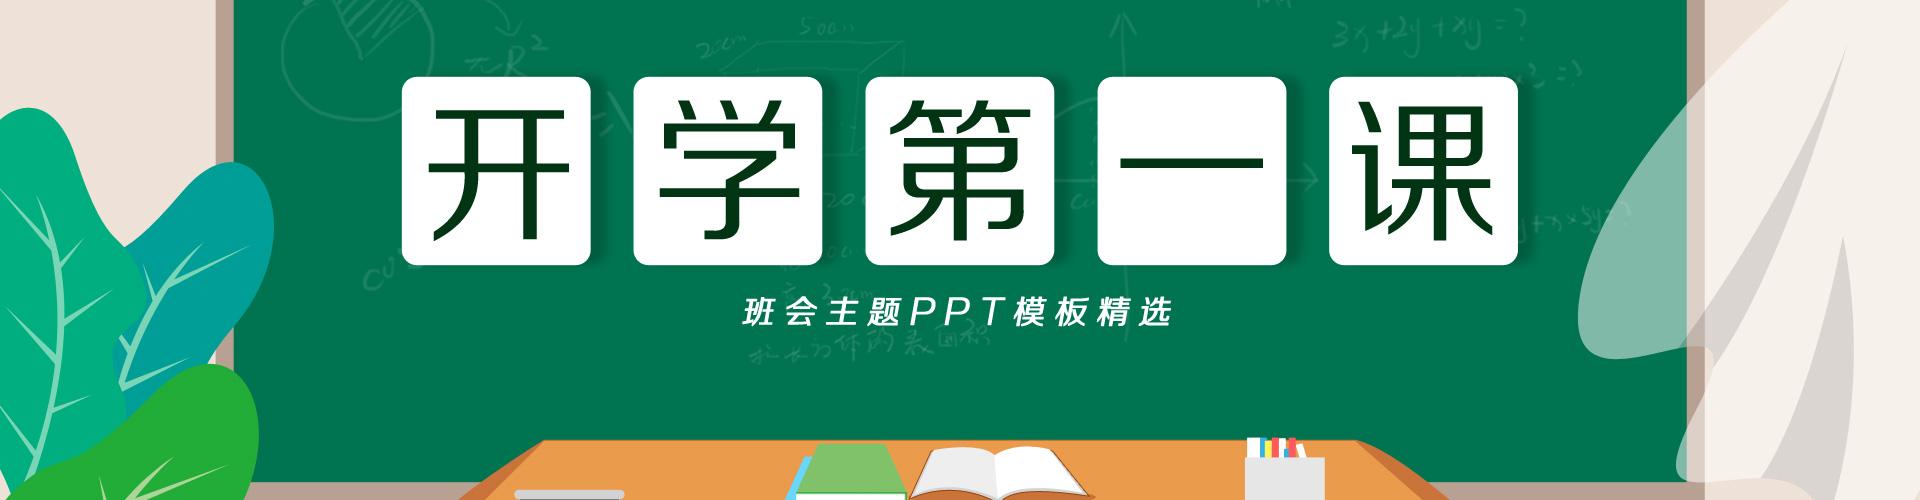 班会主题PPT模板精选